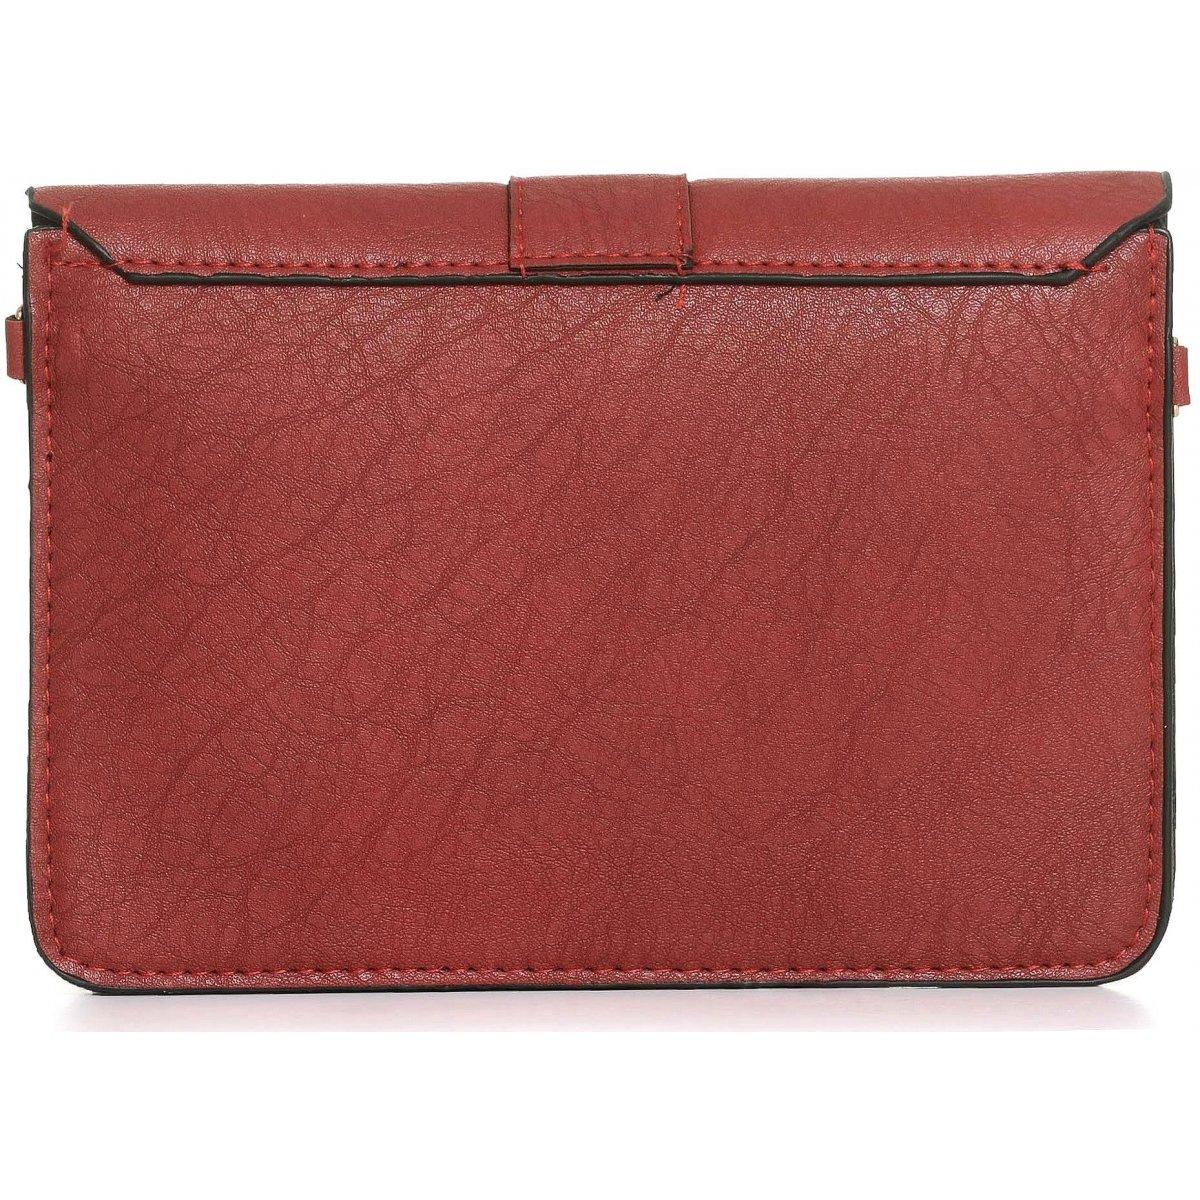 sac pochette bandouli re les sacs de k 39 rlot fkg0025 couleur principale rouge. Black Bedroom Furniture Sets. Home Design Ideas